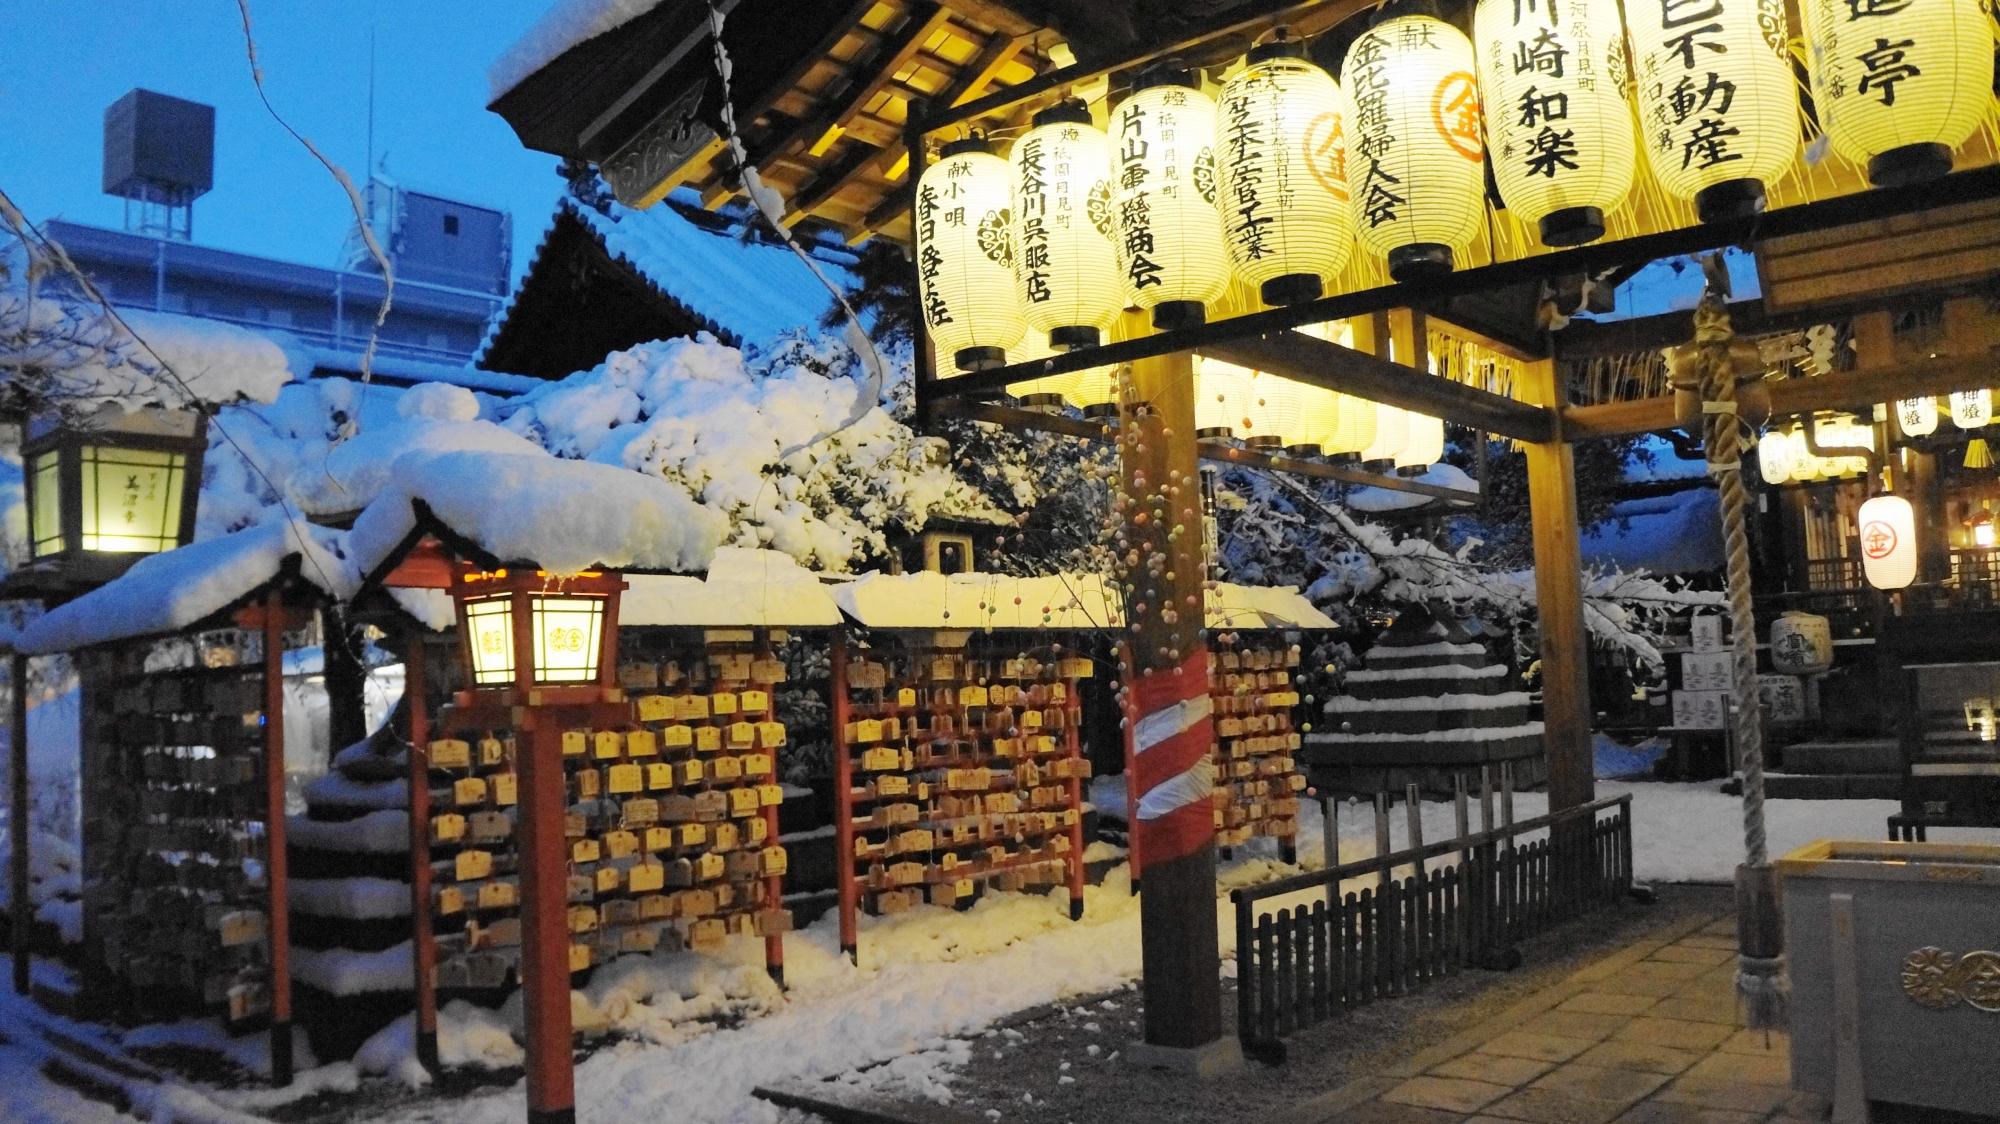 安井金比羅宮の拝殿の雪景色